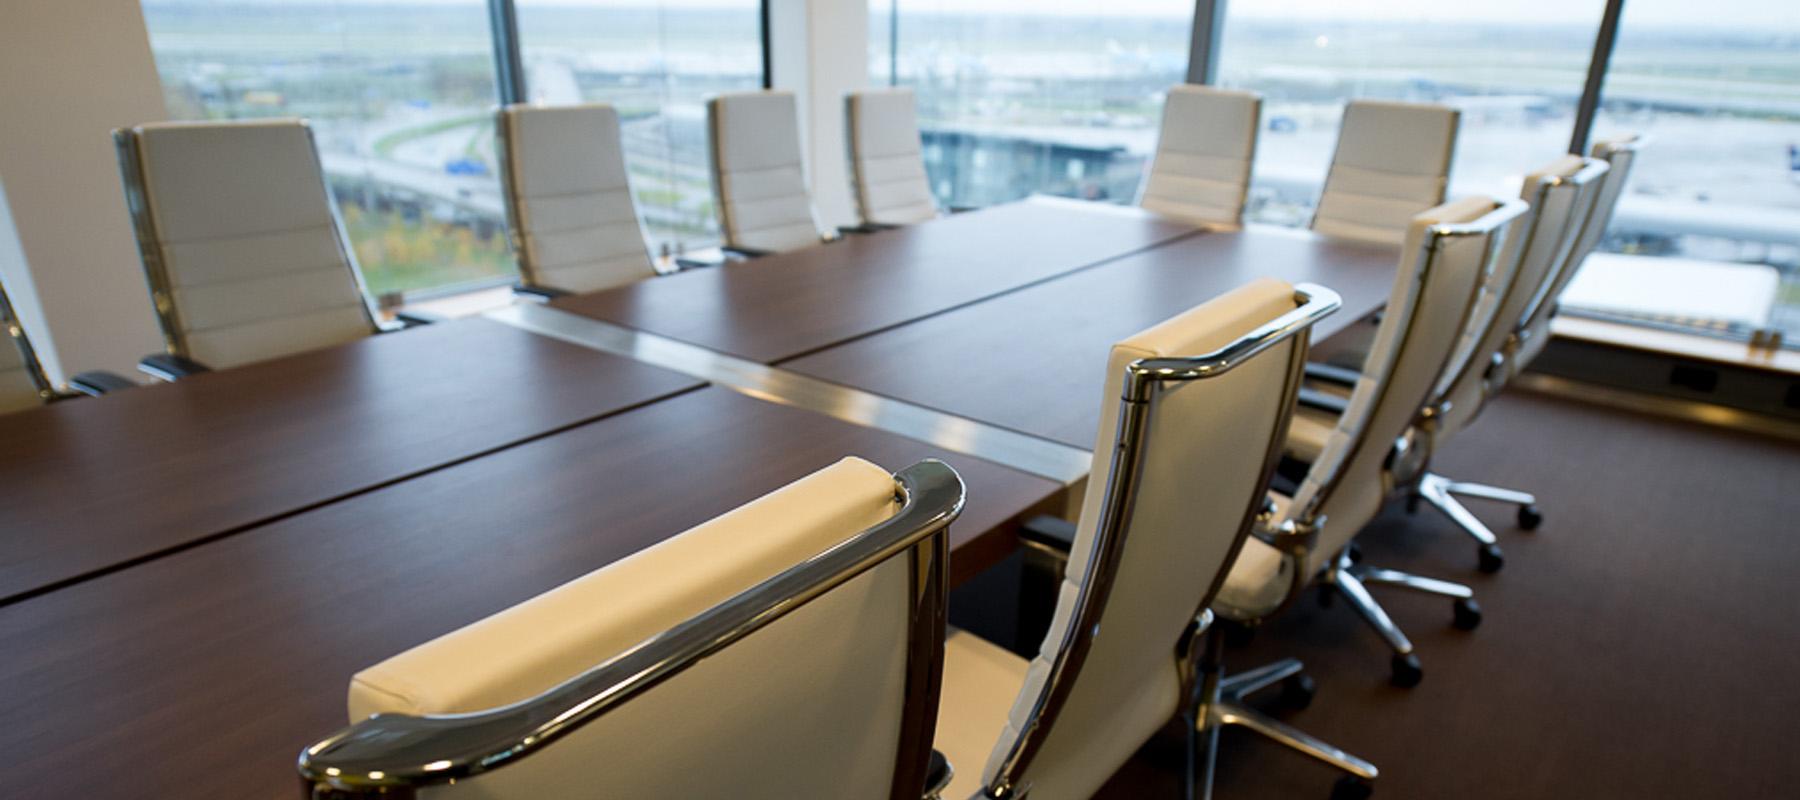 Vebego Airport Services WTC Schiphol Turk en van Rossum kantoorinrichting